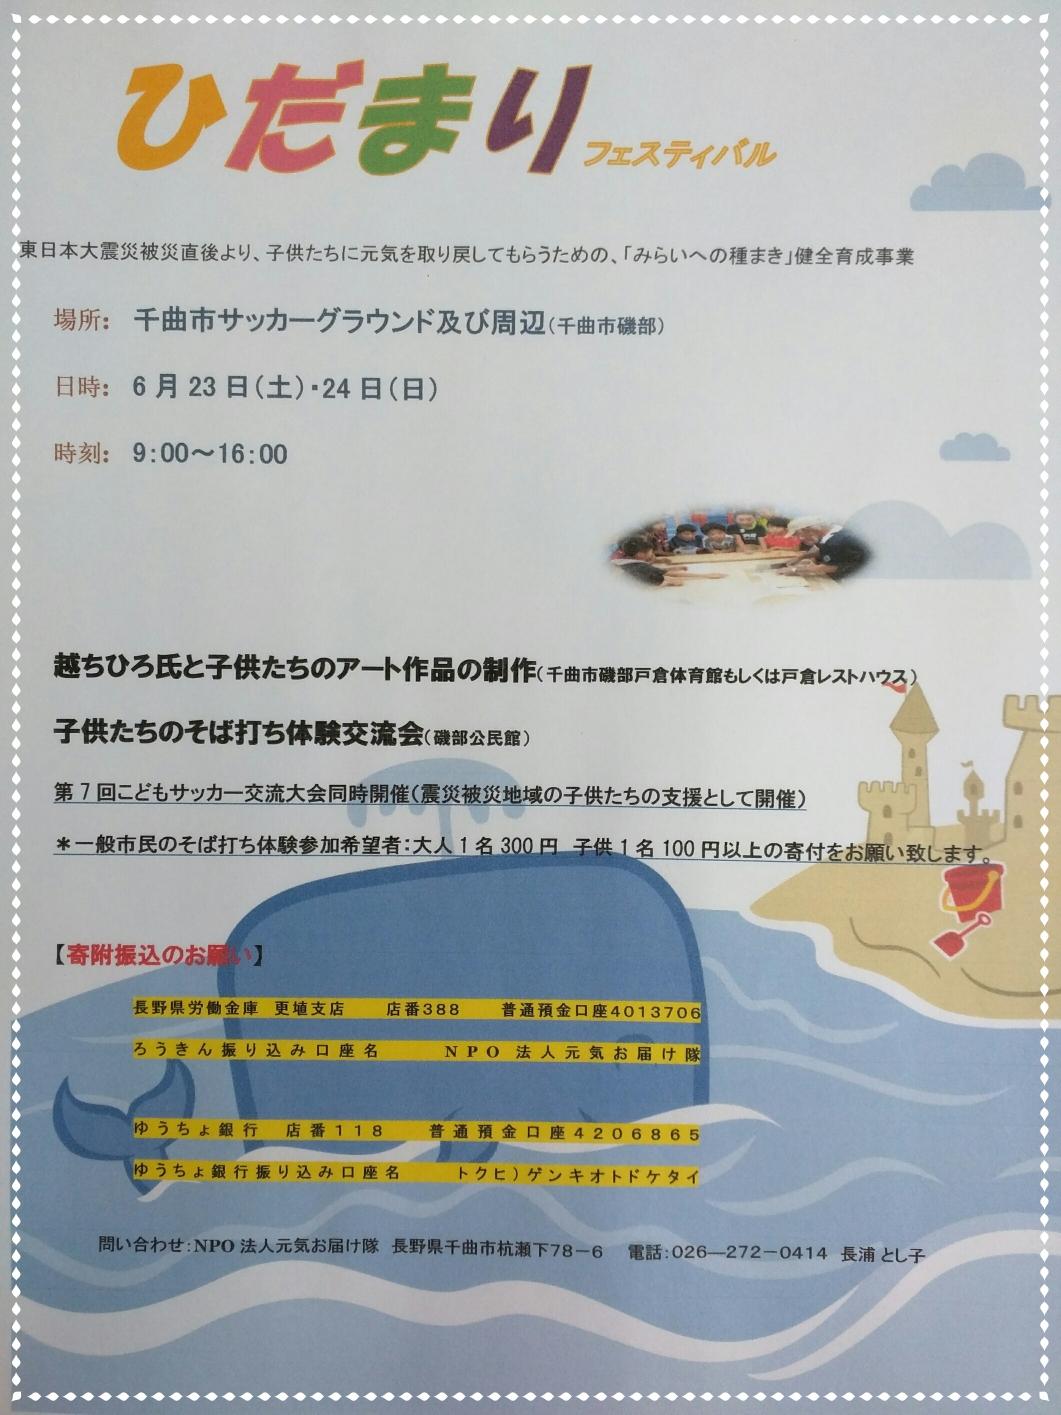 きずなプロジェクト支援イベント 【ひだまり】フェスティバル開催決定